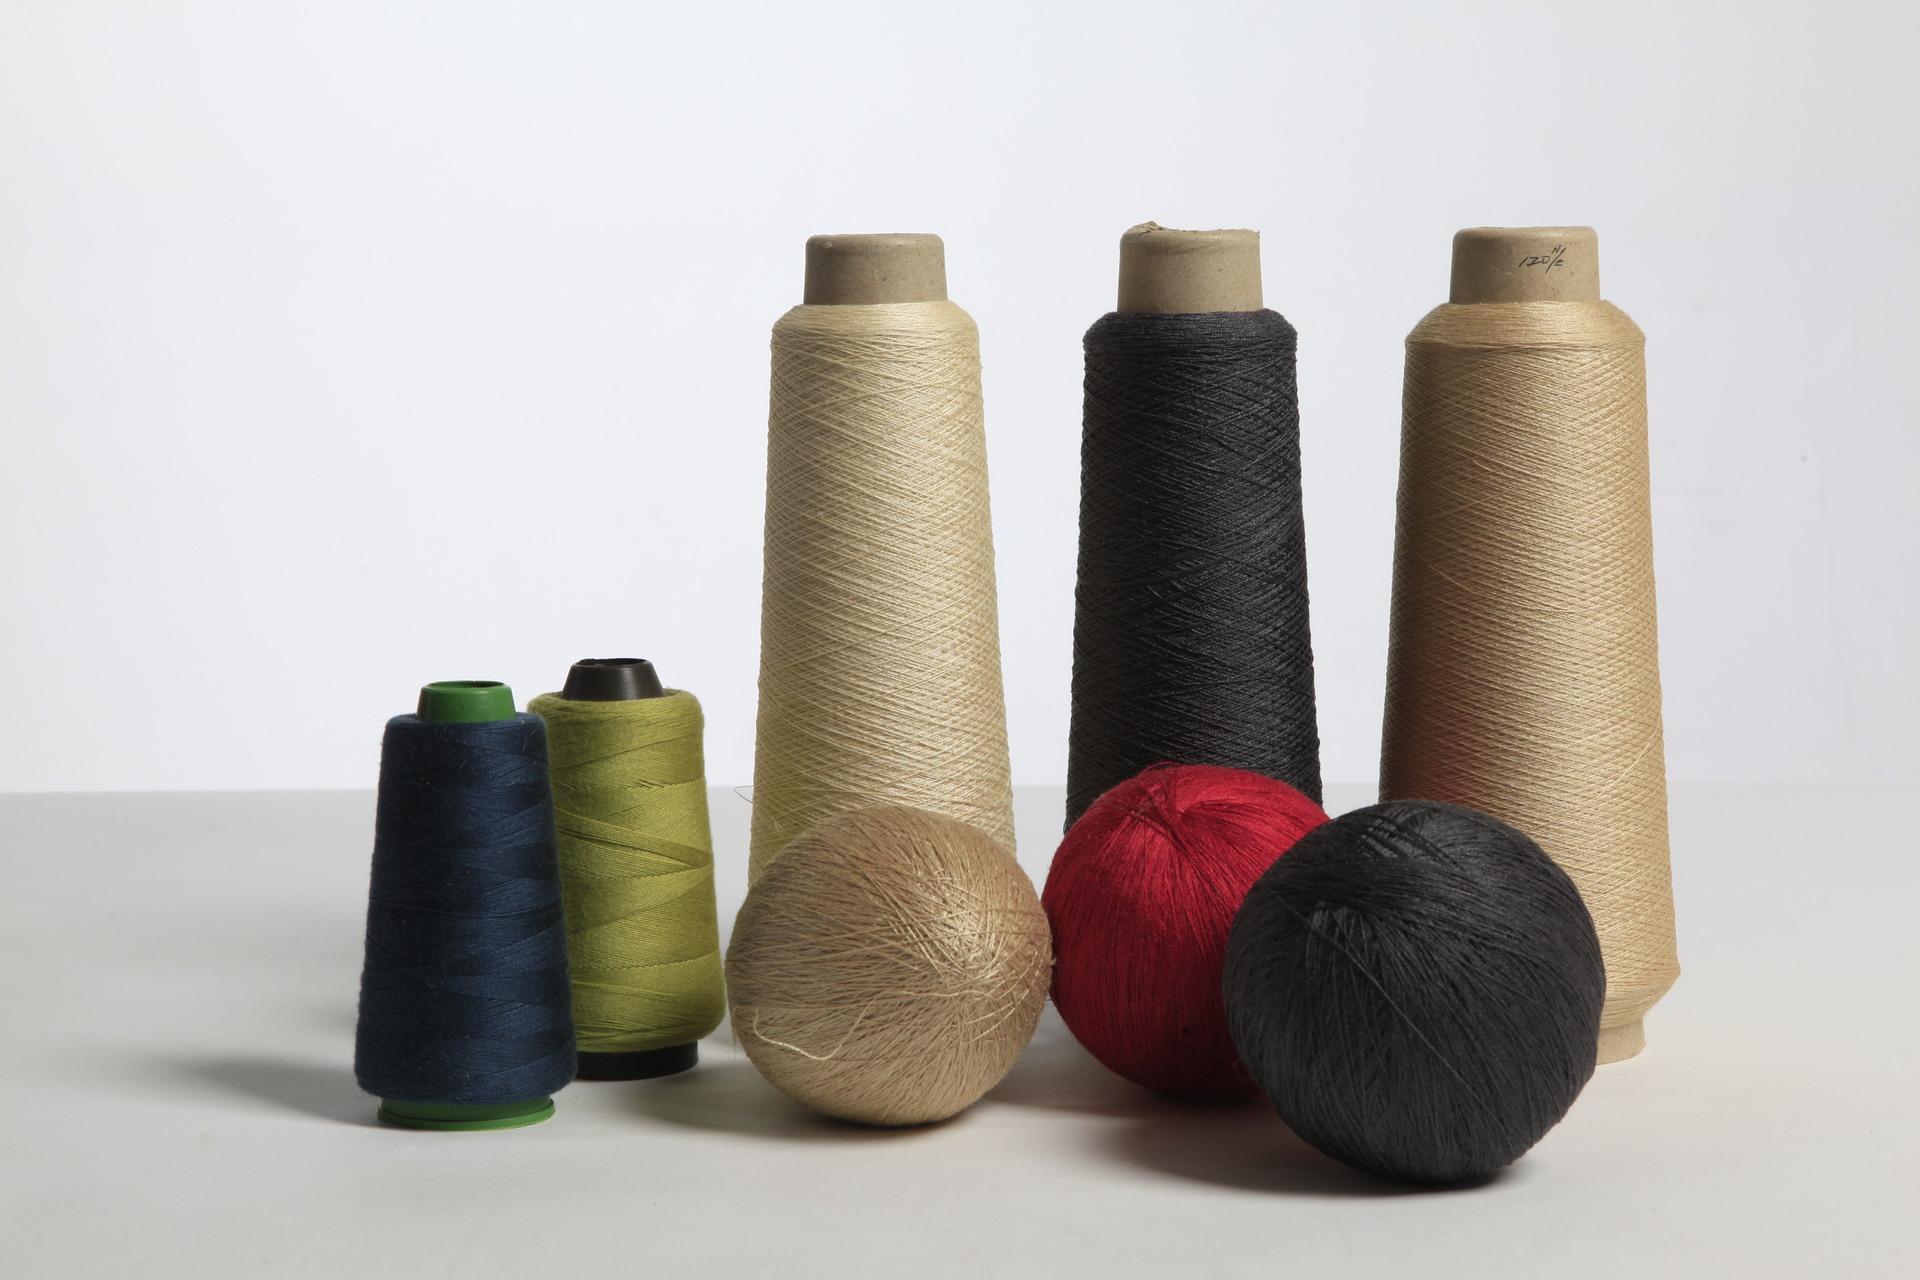 Sợi tơ tằm hoang dã, sợi tơ tussah, sợi tơ tussah, sợi kéo cố định, lyricin, độ bền kéo sợi